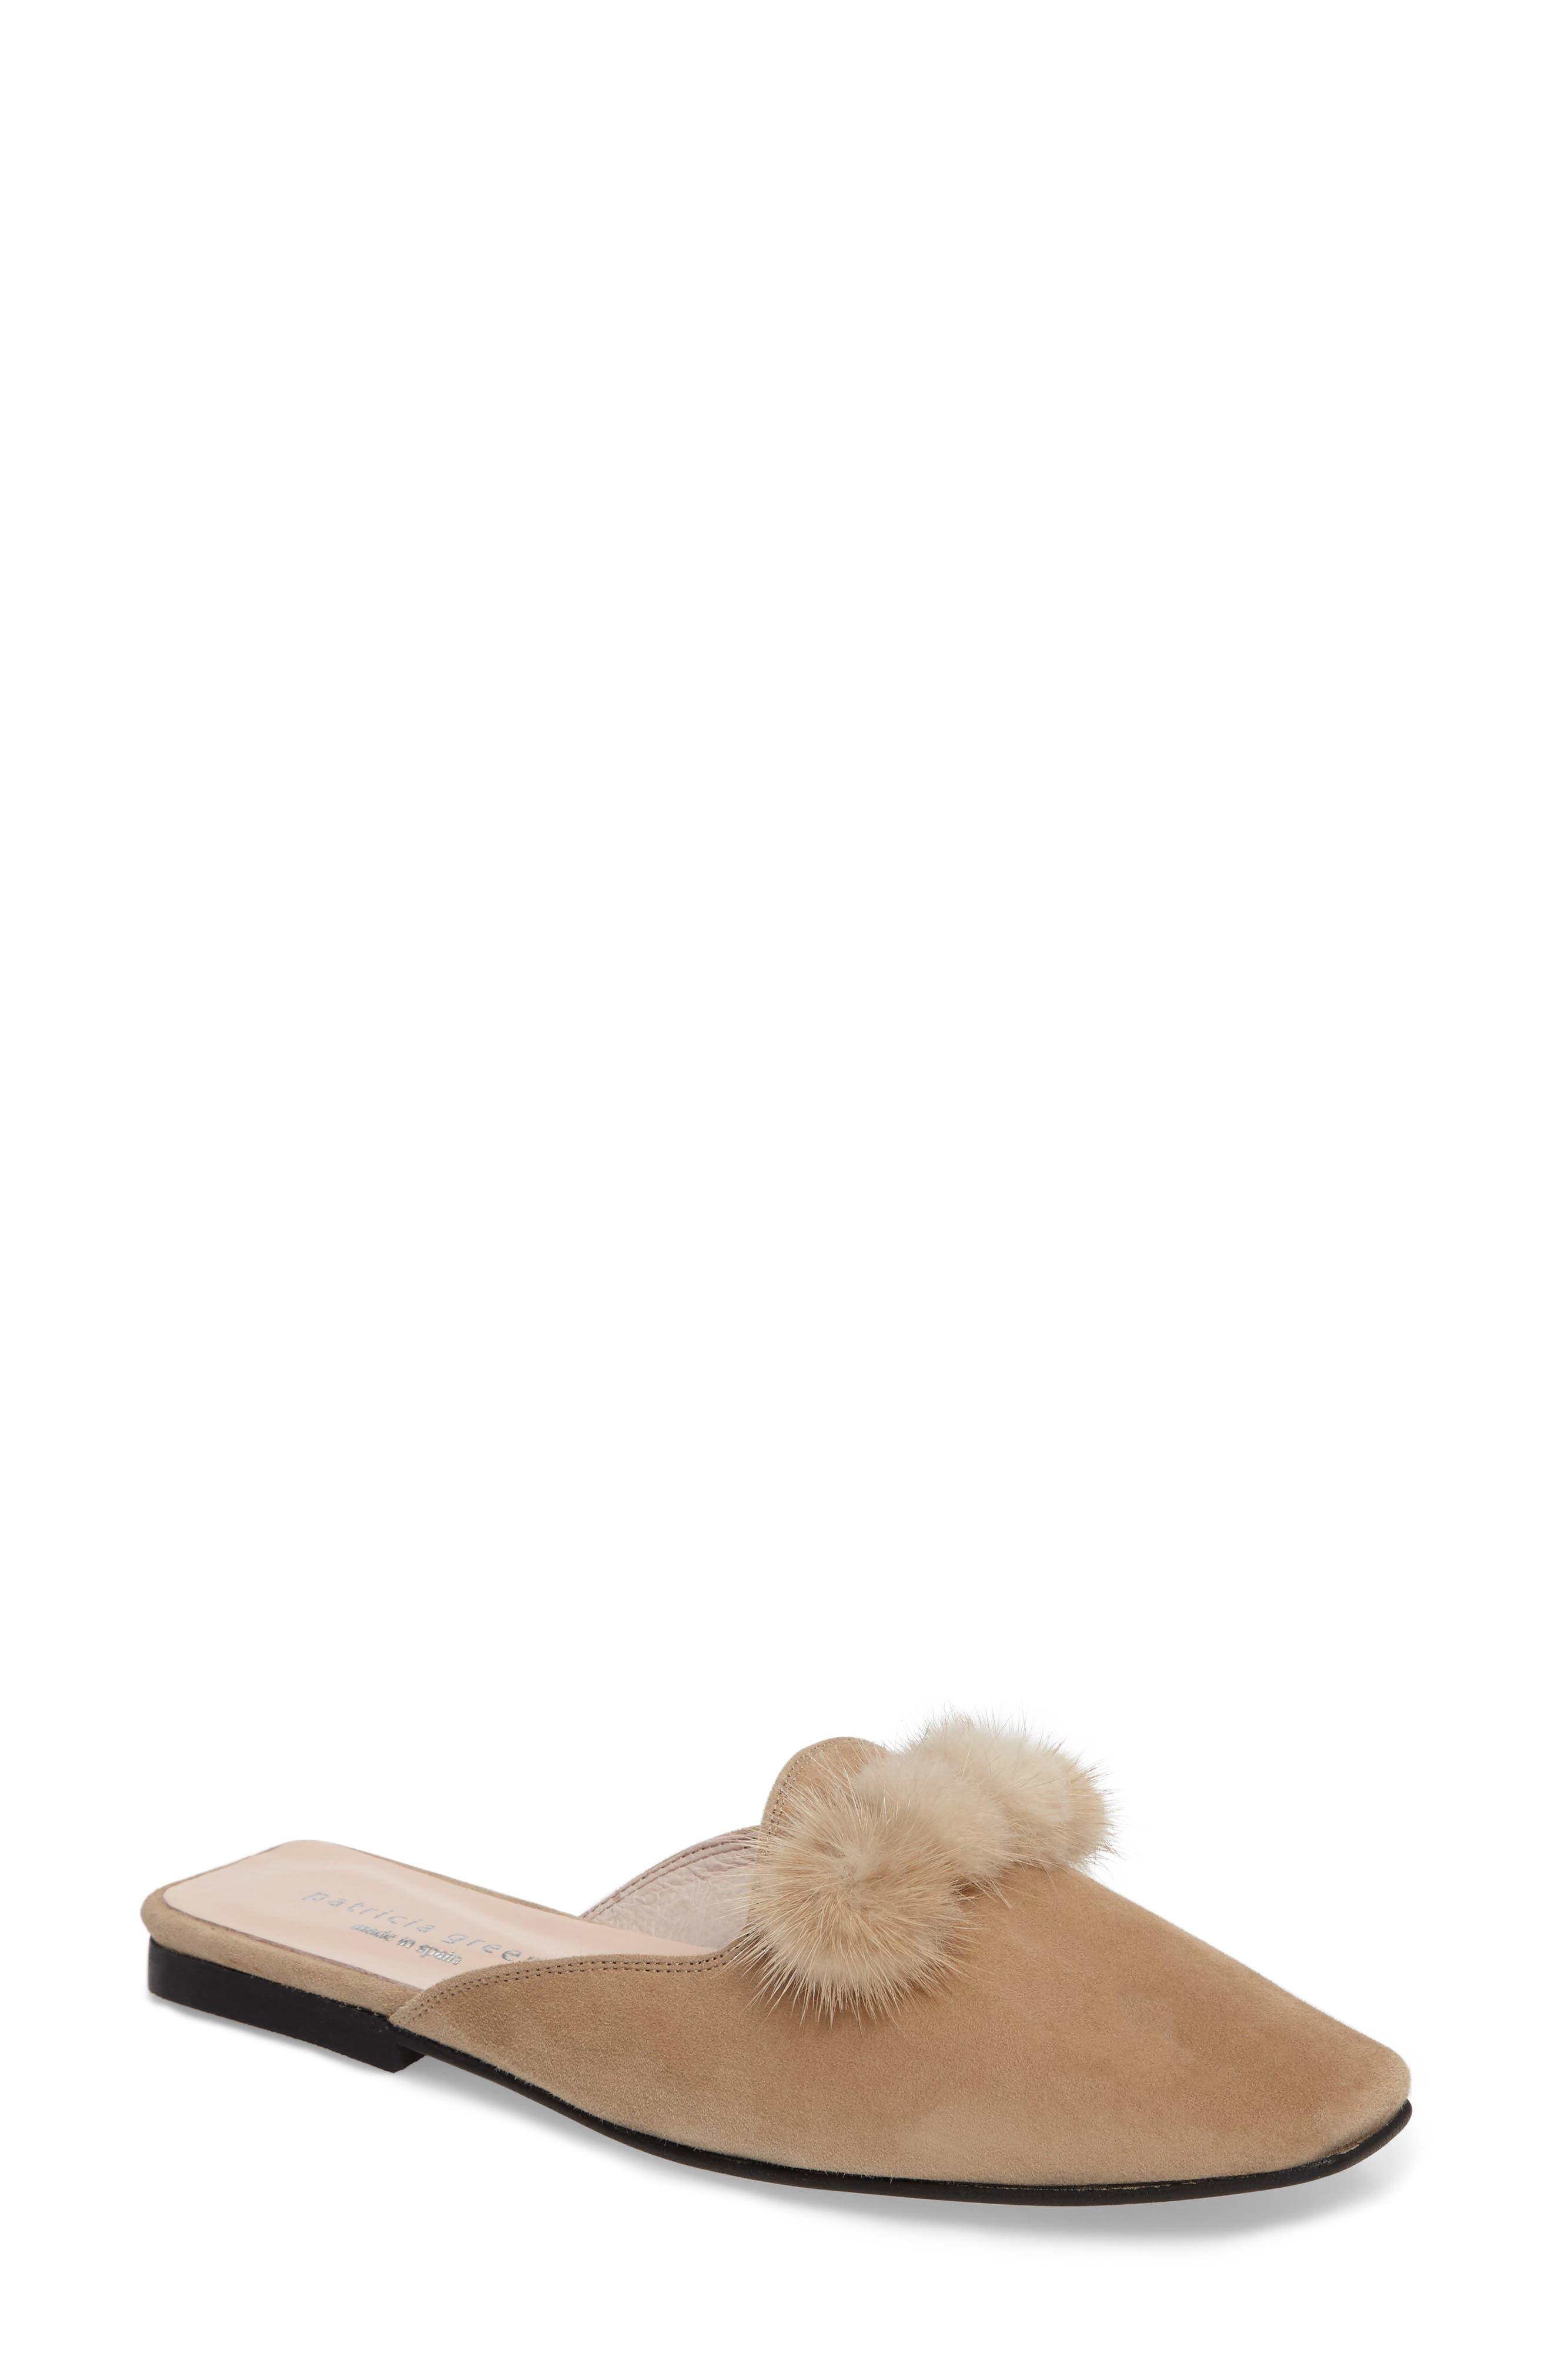 Cerise Genuine Fur Mule,                             Main thumbnail 1, color,                             Camel Suede